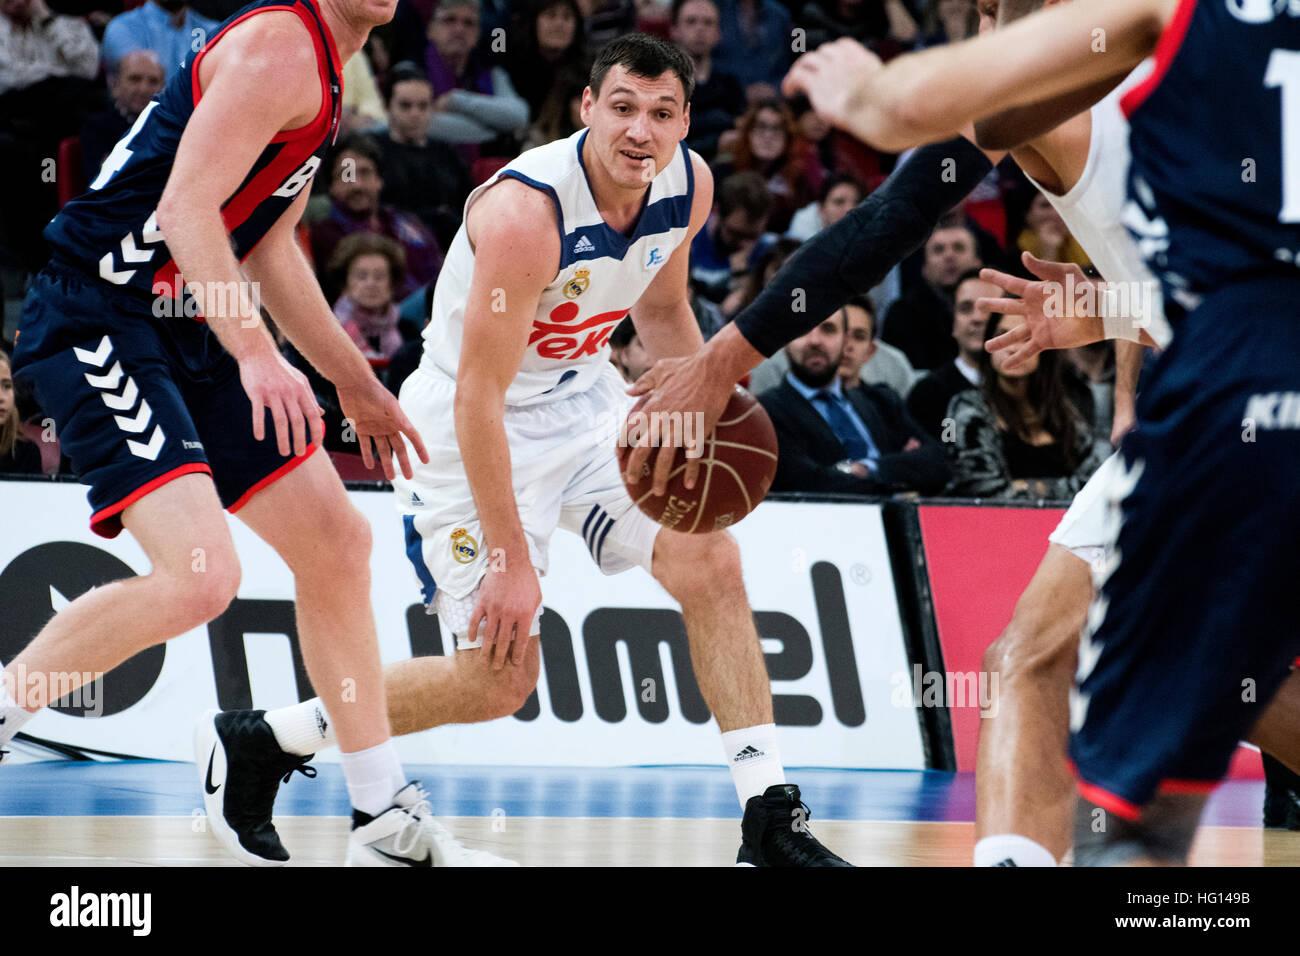 Vitoria, Spagna. 3 gennaio, 2017. Jonas Maciulis (real madrid) in azione durante la partita di basket della Stagione Immagini Stock